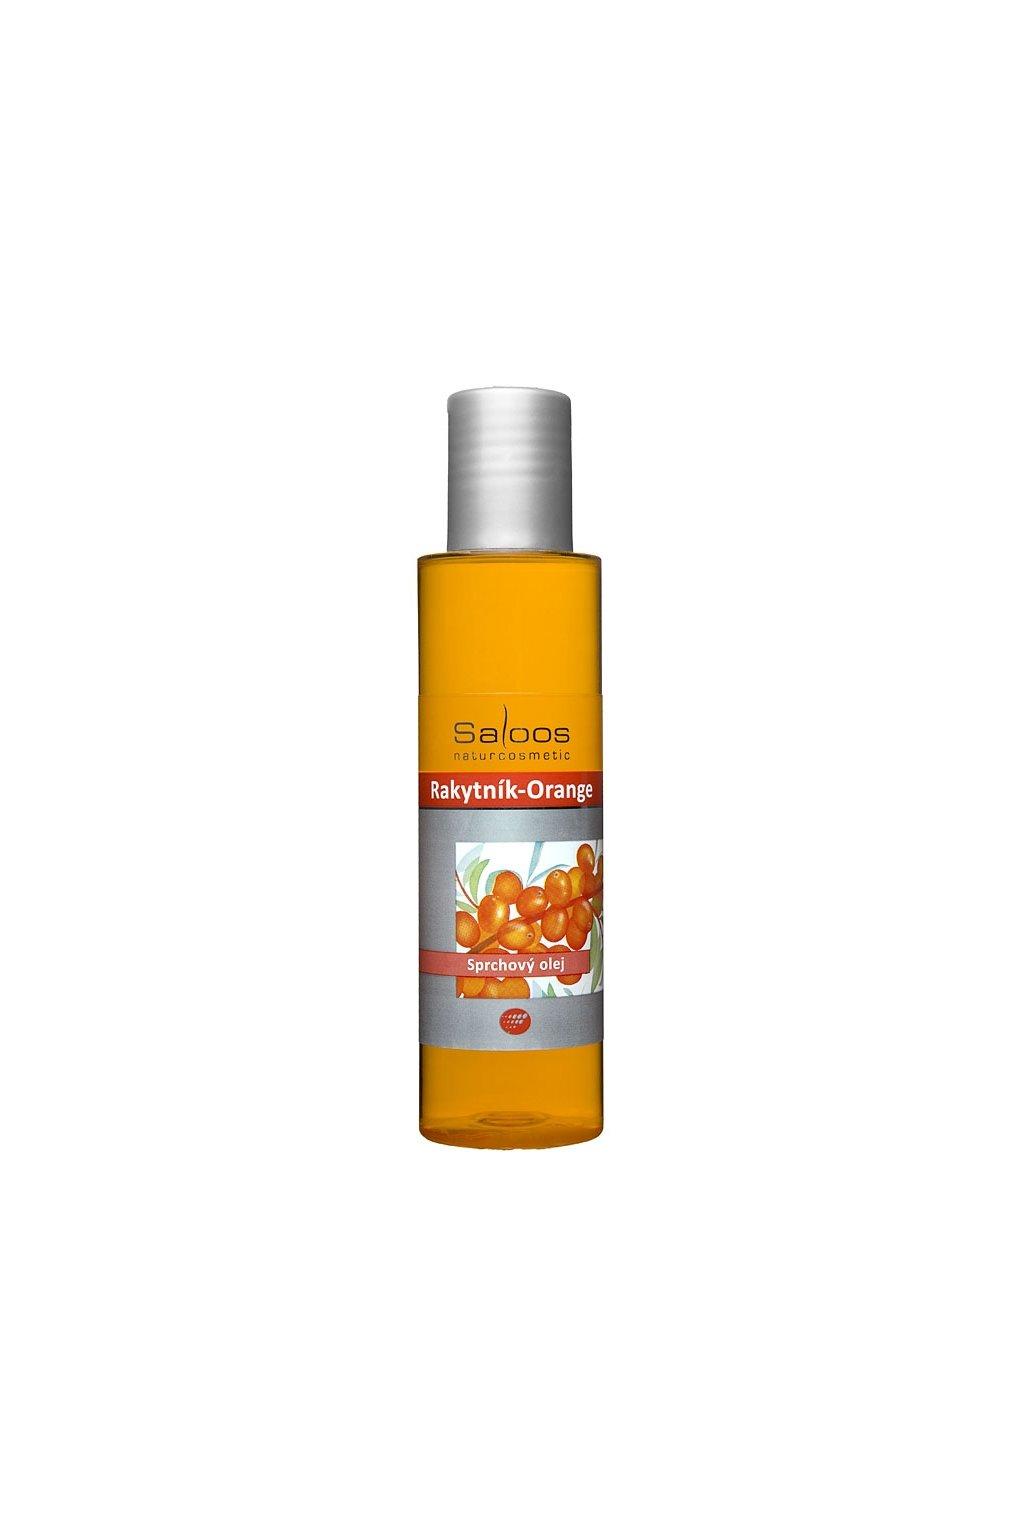 Saloos Rakytník Orange sprchový olej (varianta 250ml)